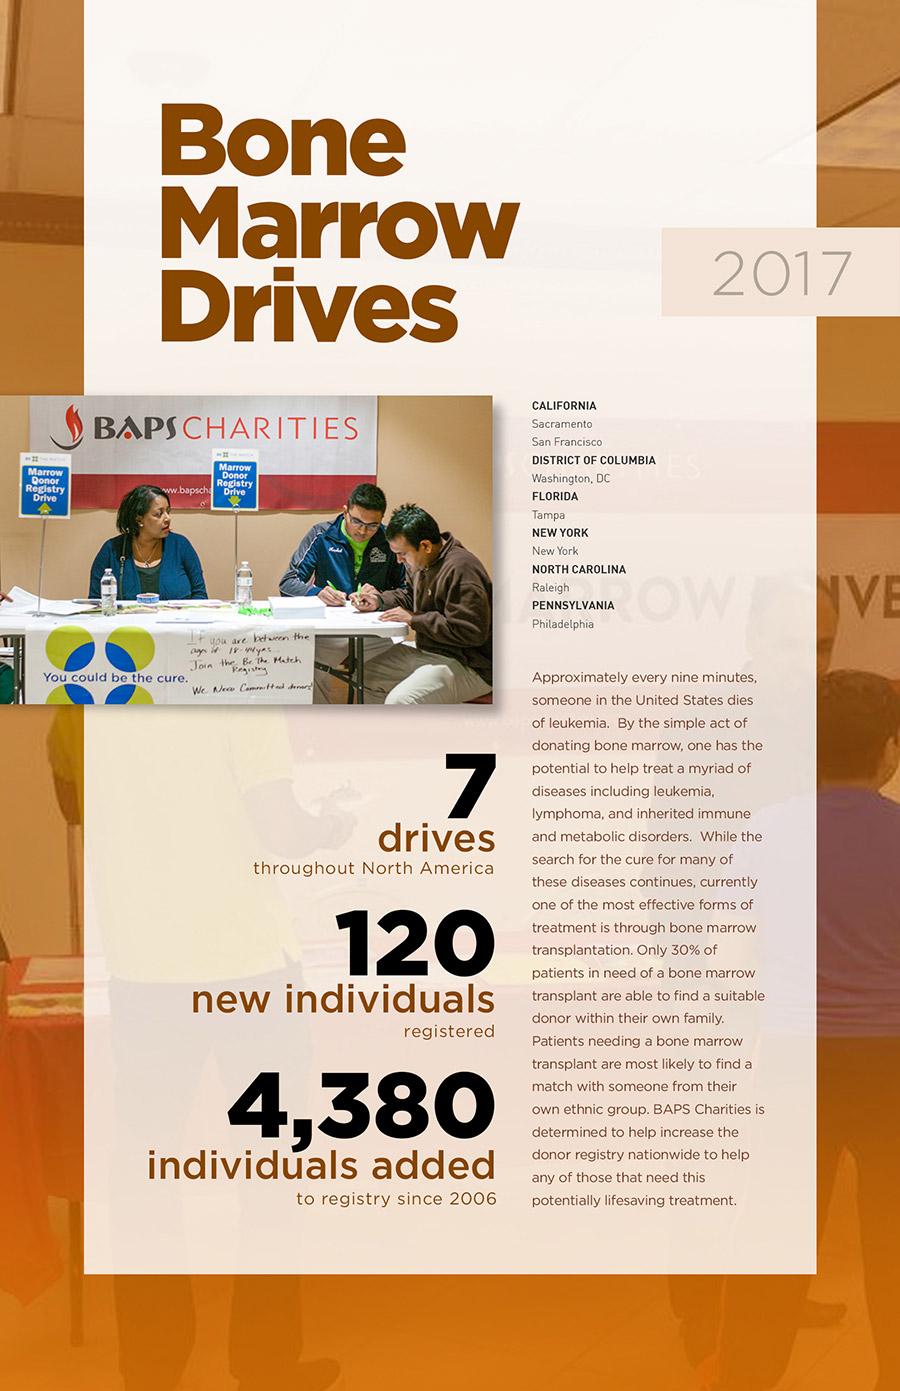 Bone Marrow Drives - BAPSCharities - North American Activities Annual Report 2017